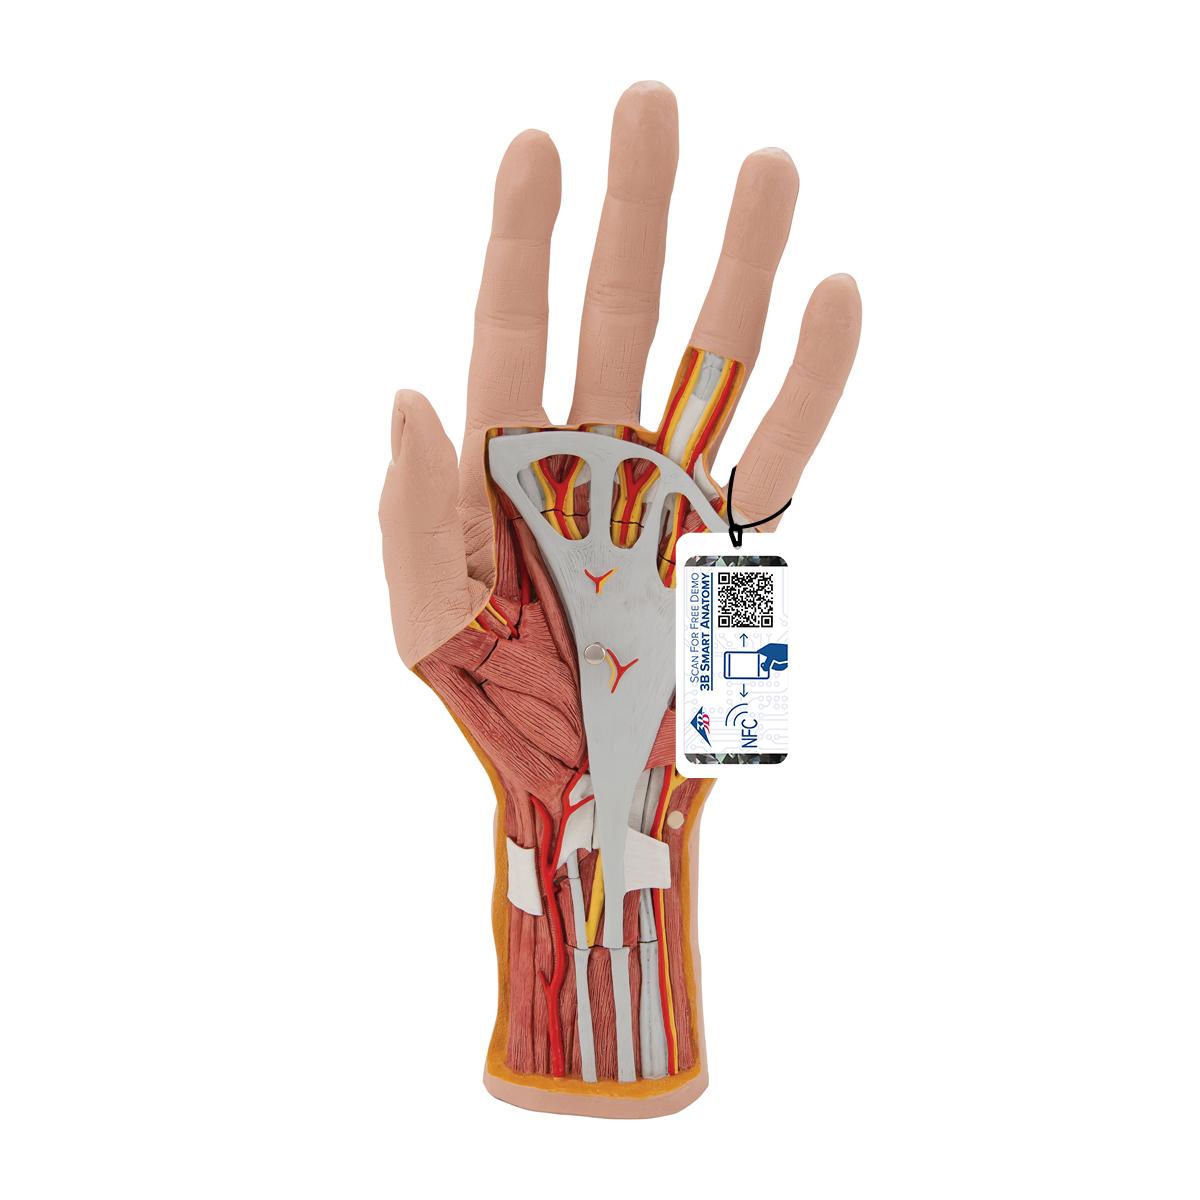 Anatomy of arm bones